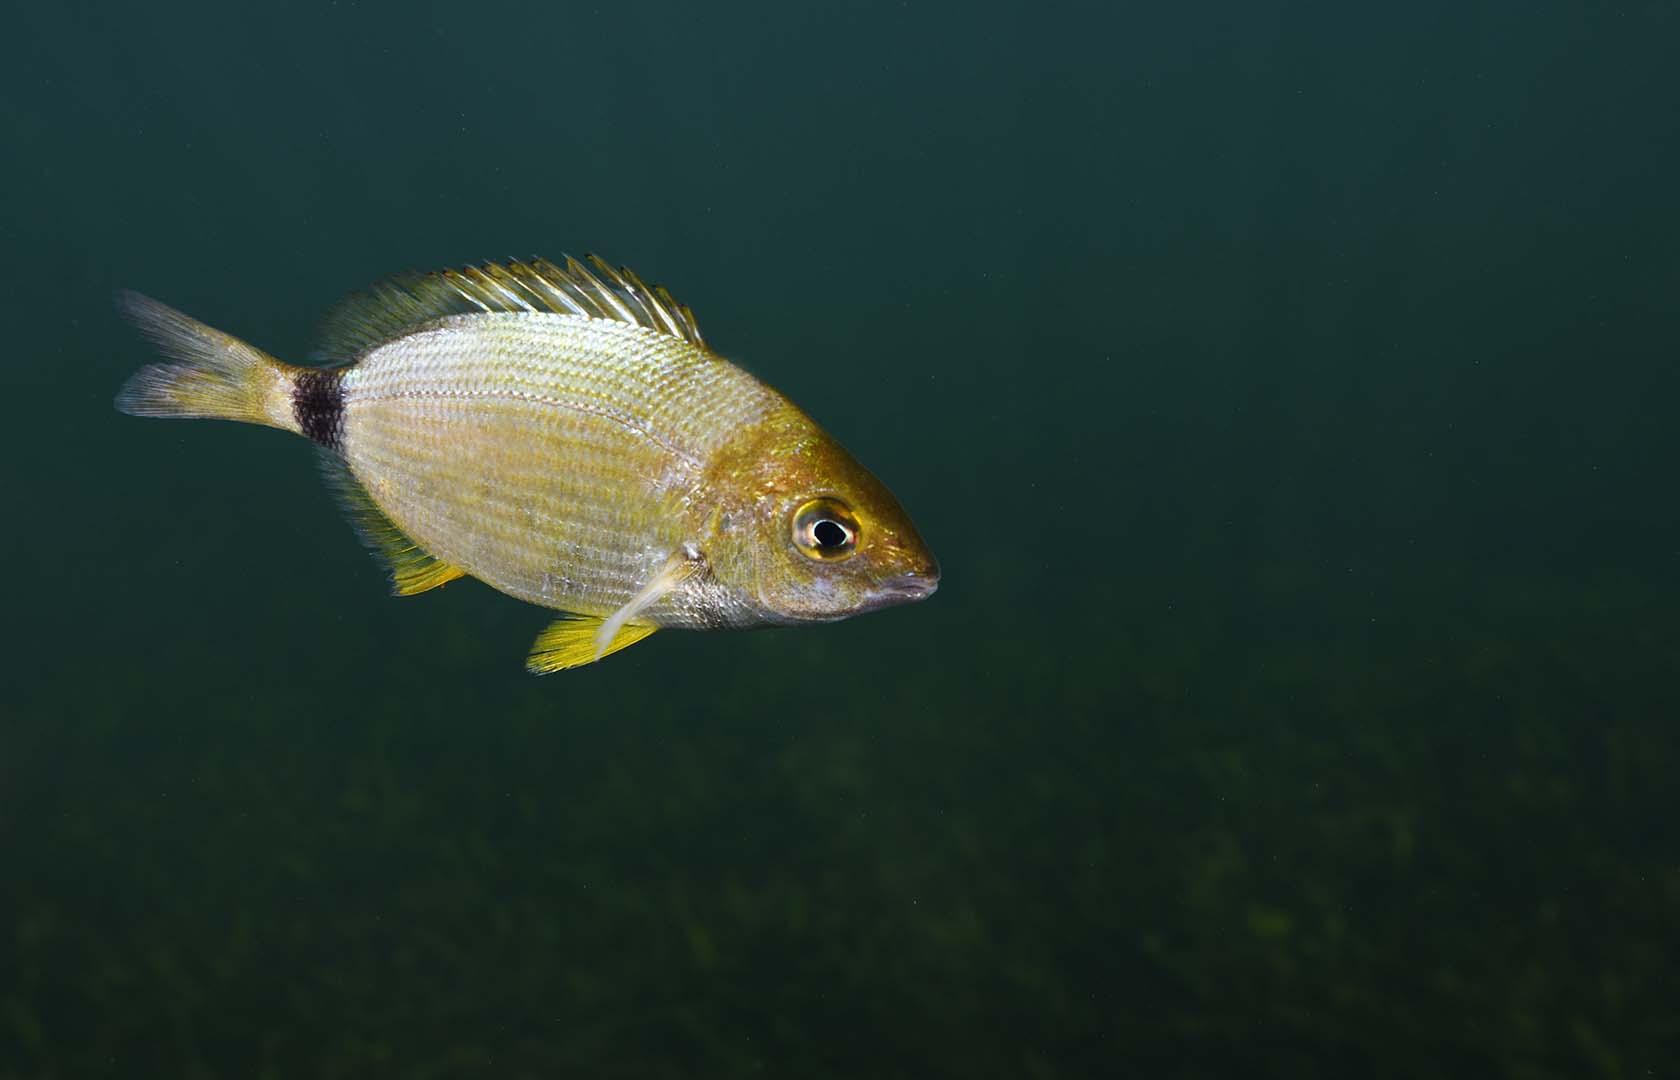 Ejemplar de mediano tamaño nadando.